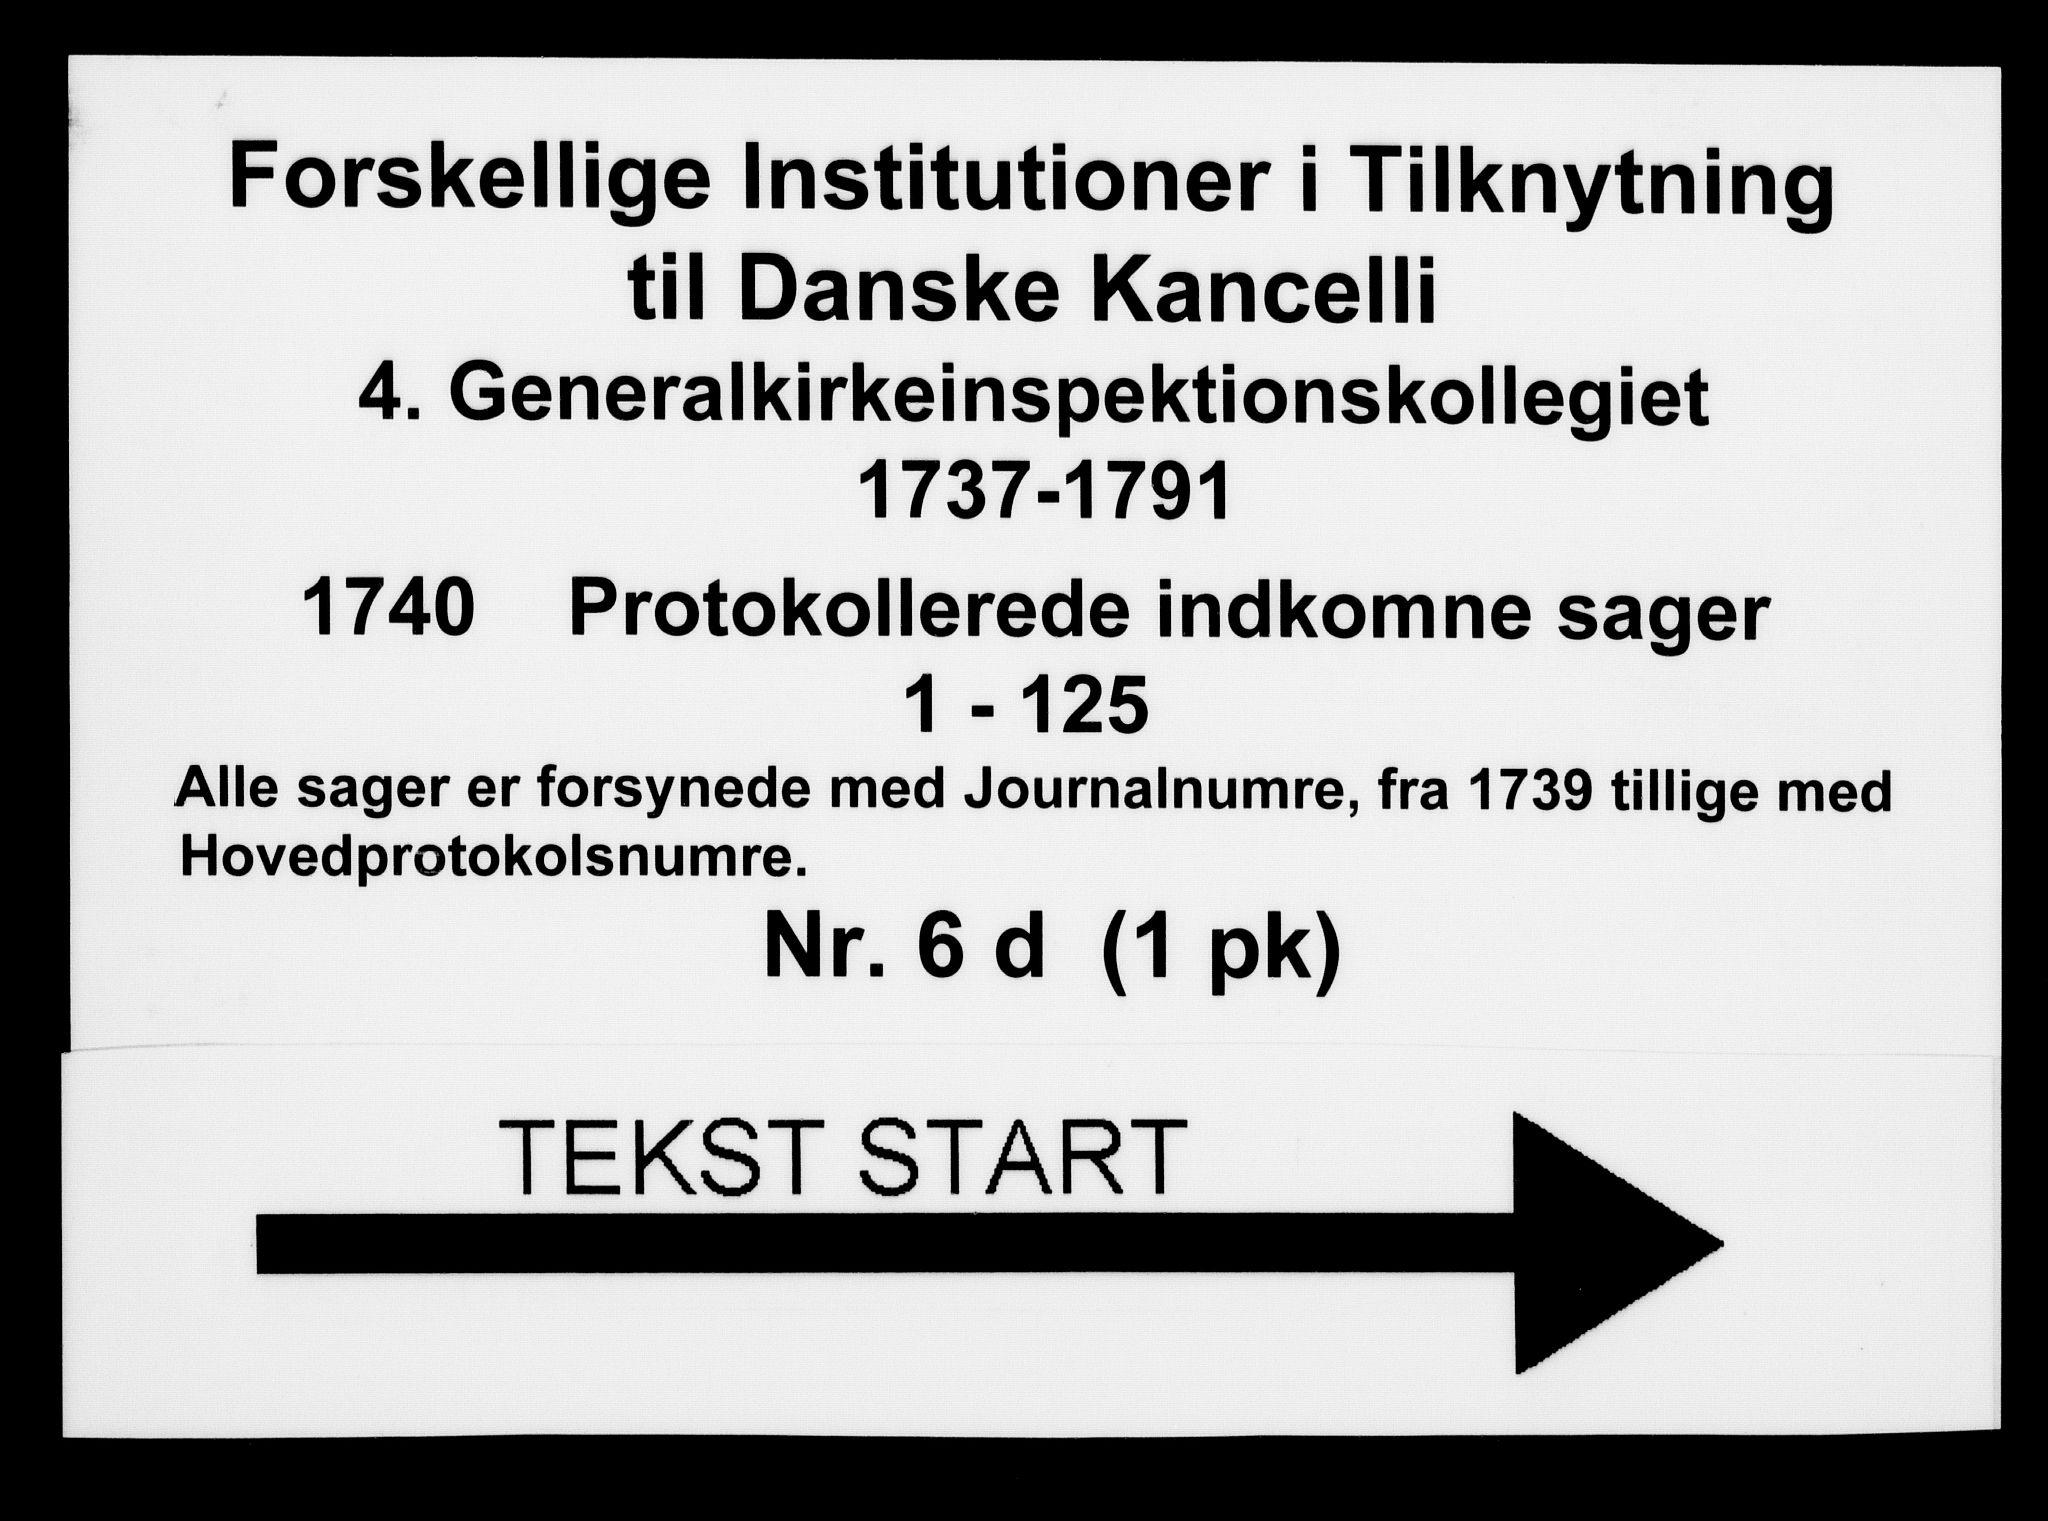 DRA, Generalkirkeinspektionskollegiet, F4-06/F4-06-04: Protokollerede indkomne sager, 1740